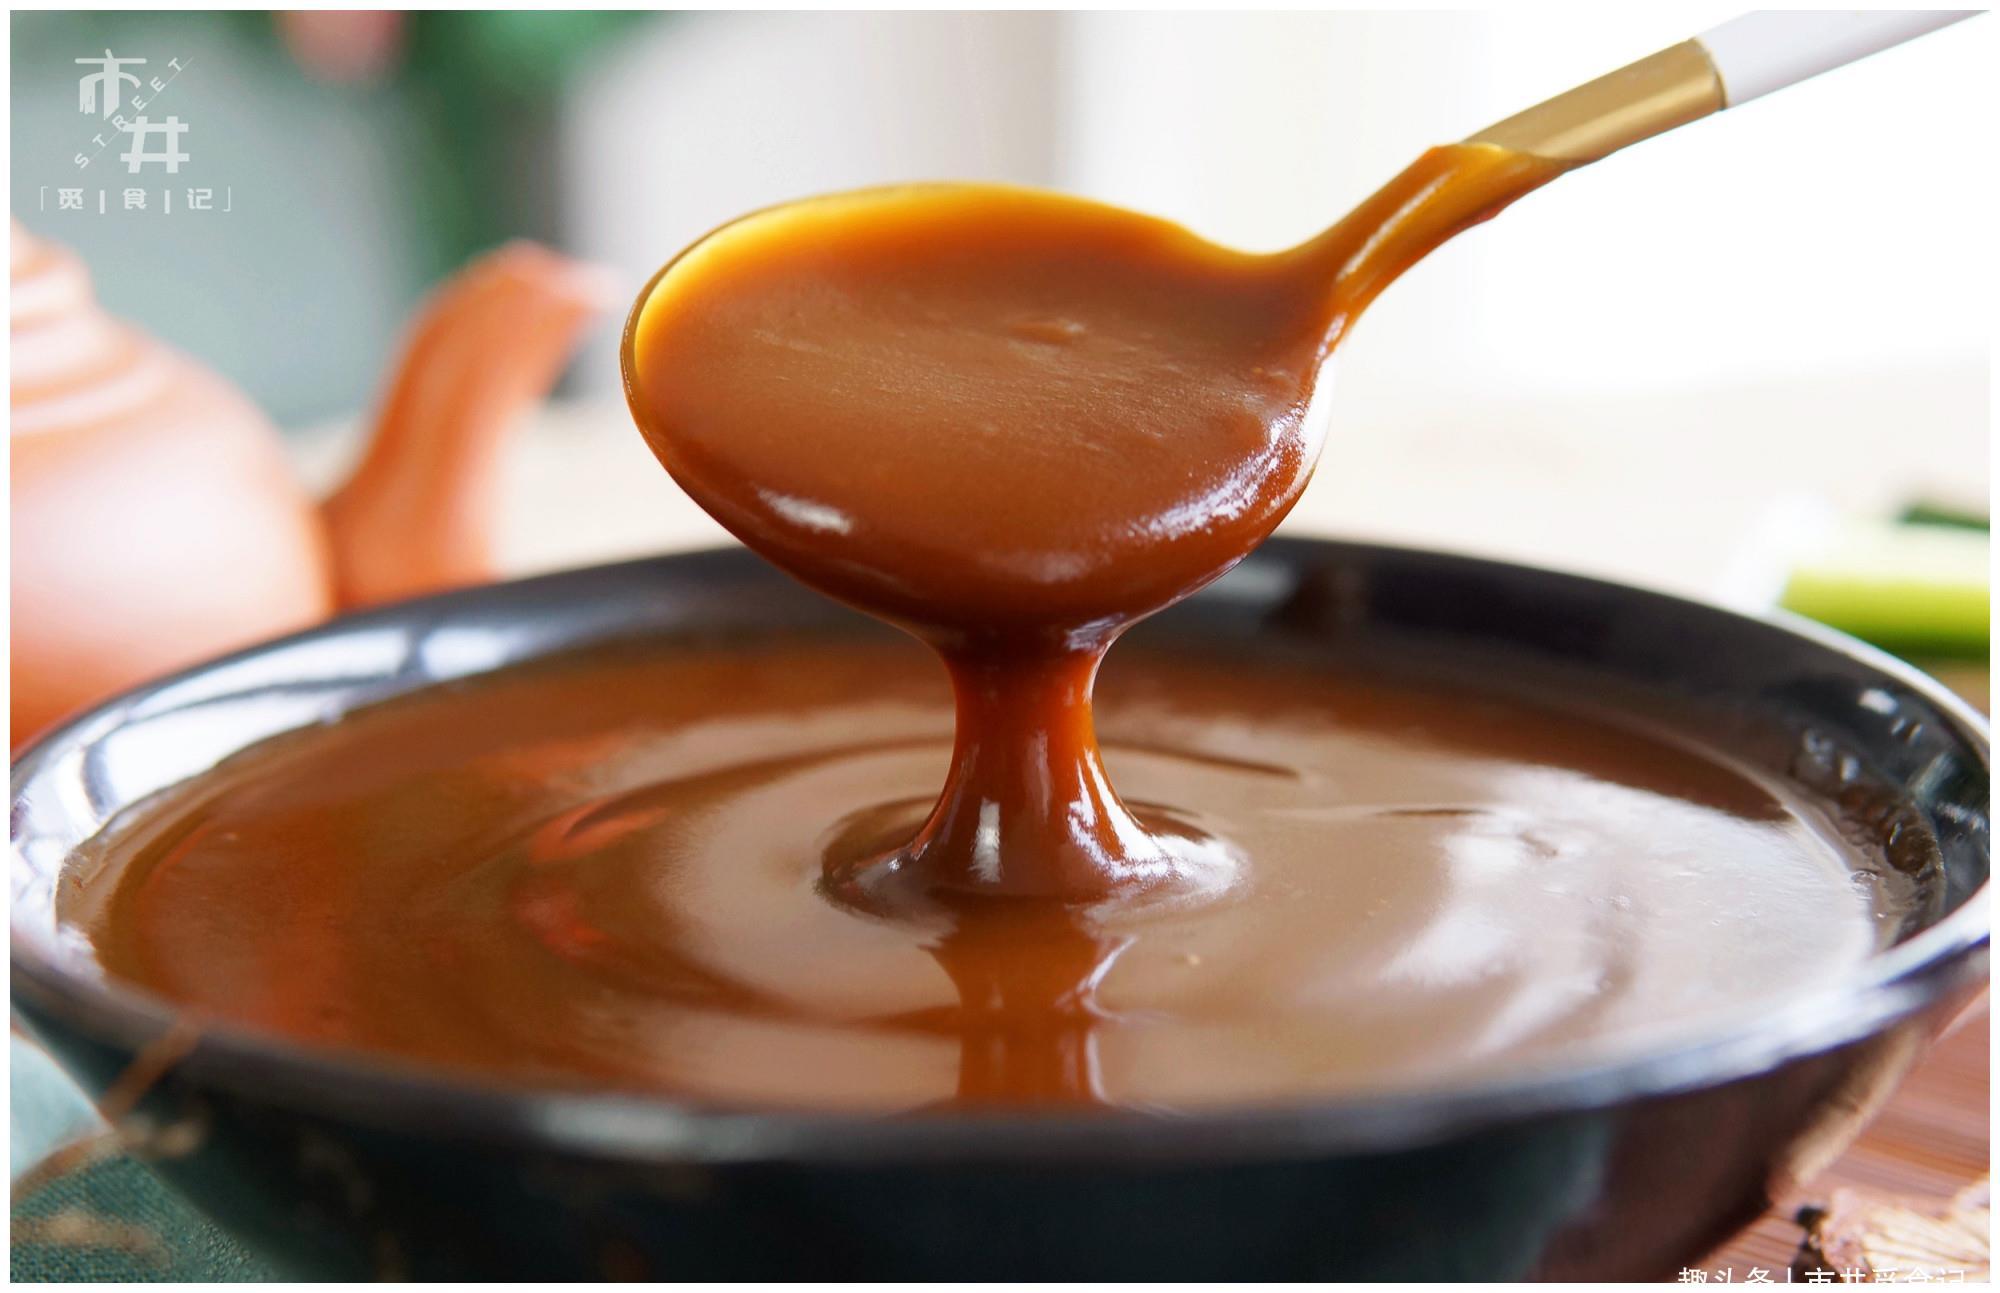 黄豆酱番茄酱靠边站,这酱2块钱做一碗,吃烤鸭离不开,蘸啥都香